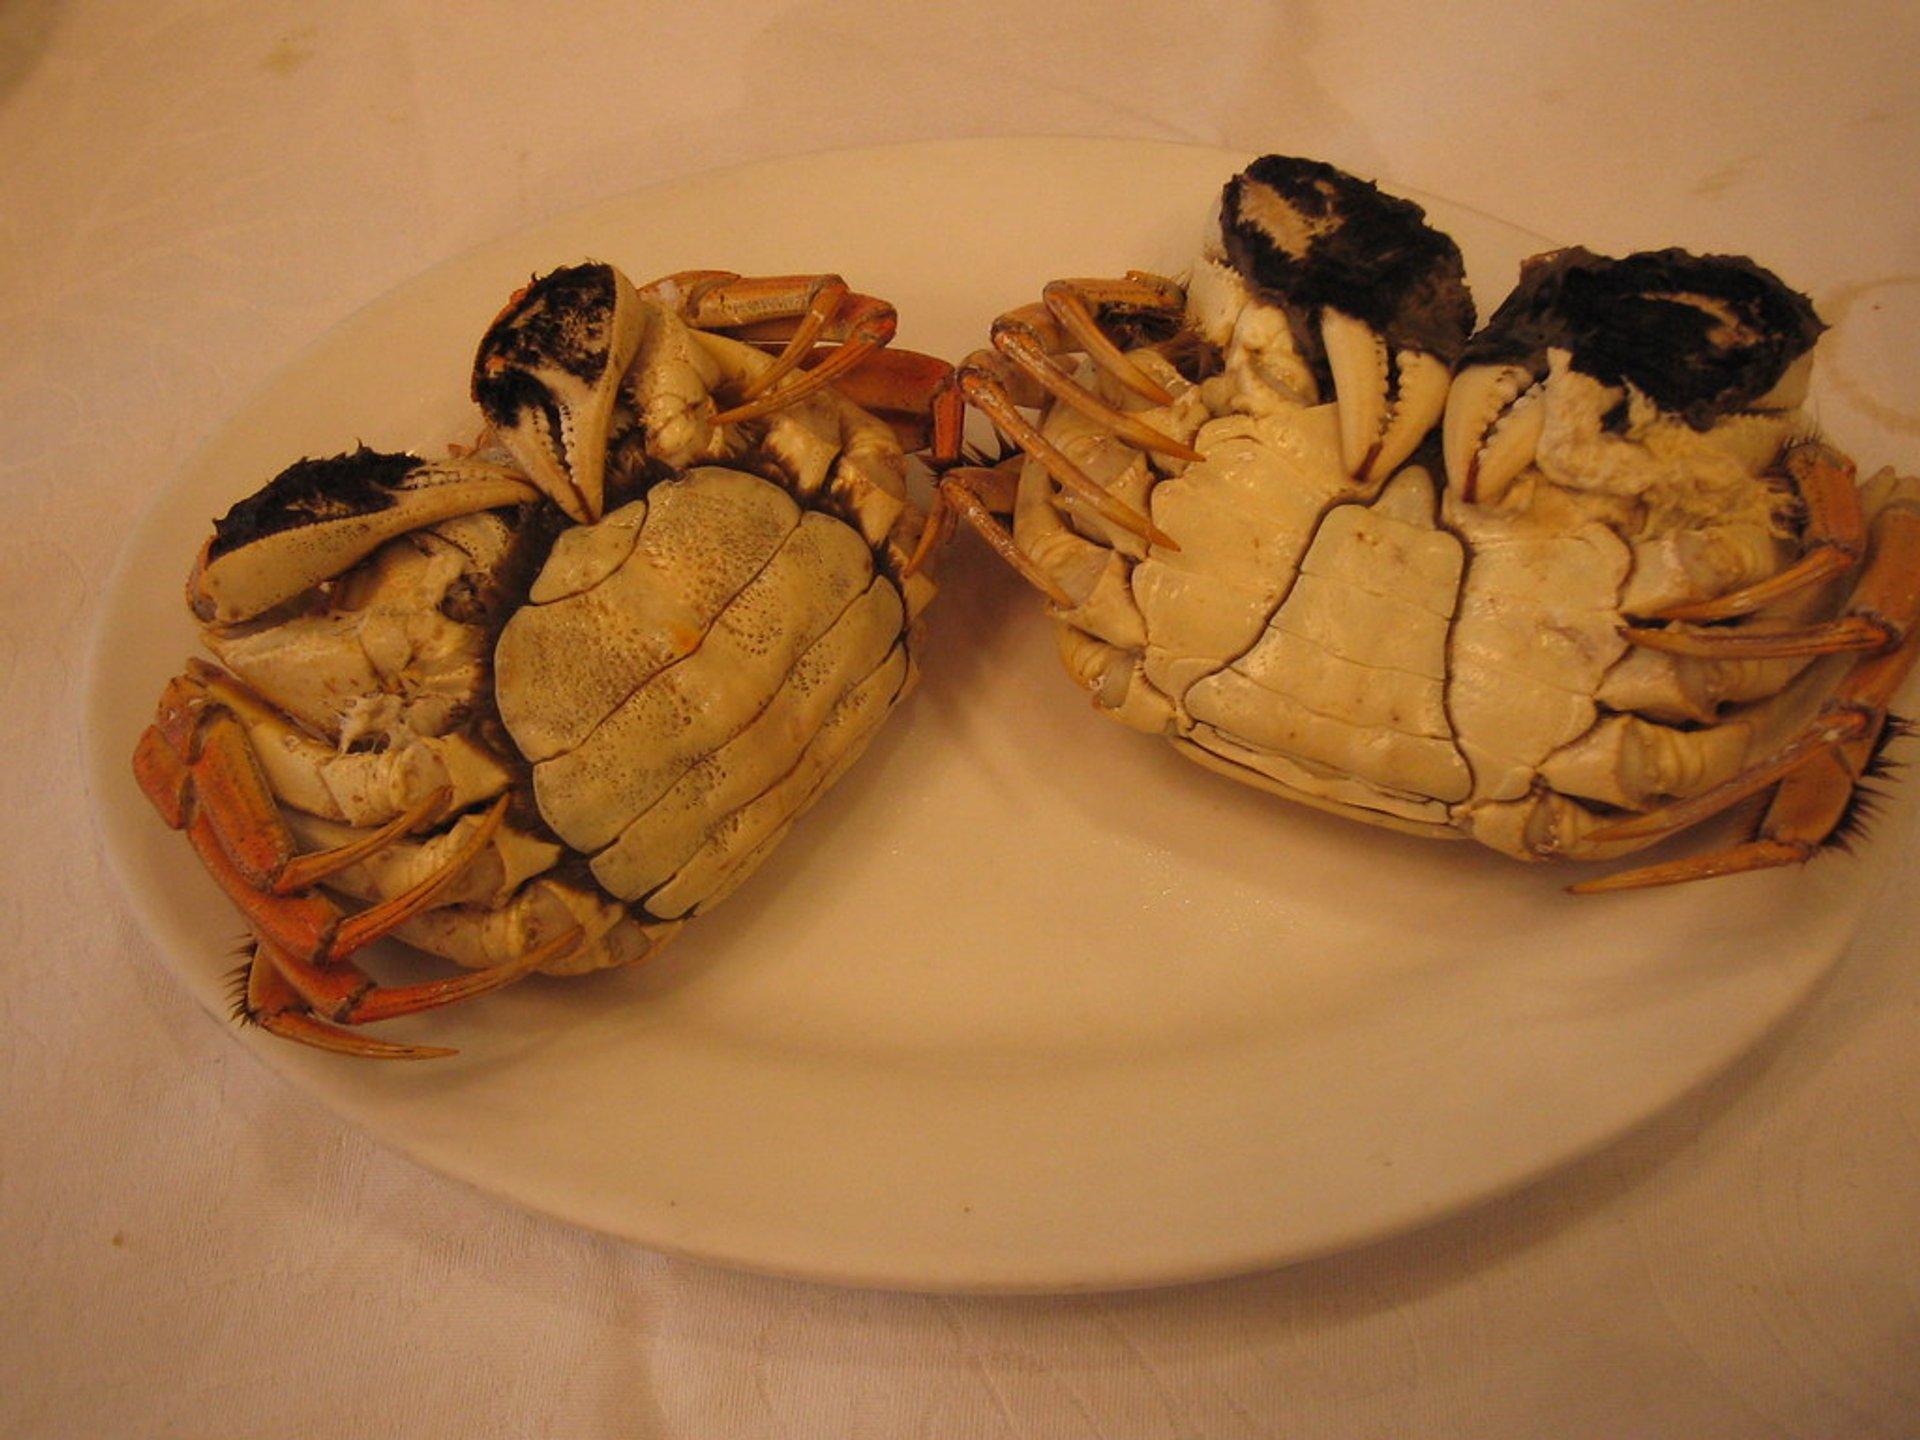 Hairy Crab Season in Shanghai - Best Season 2020